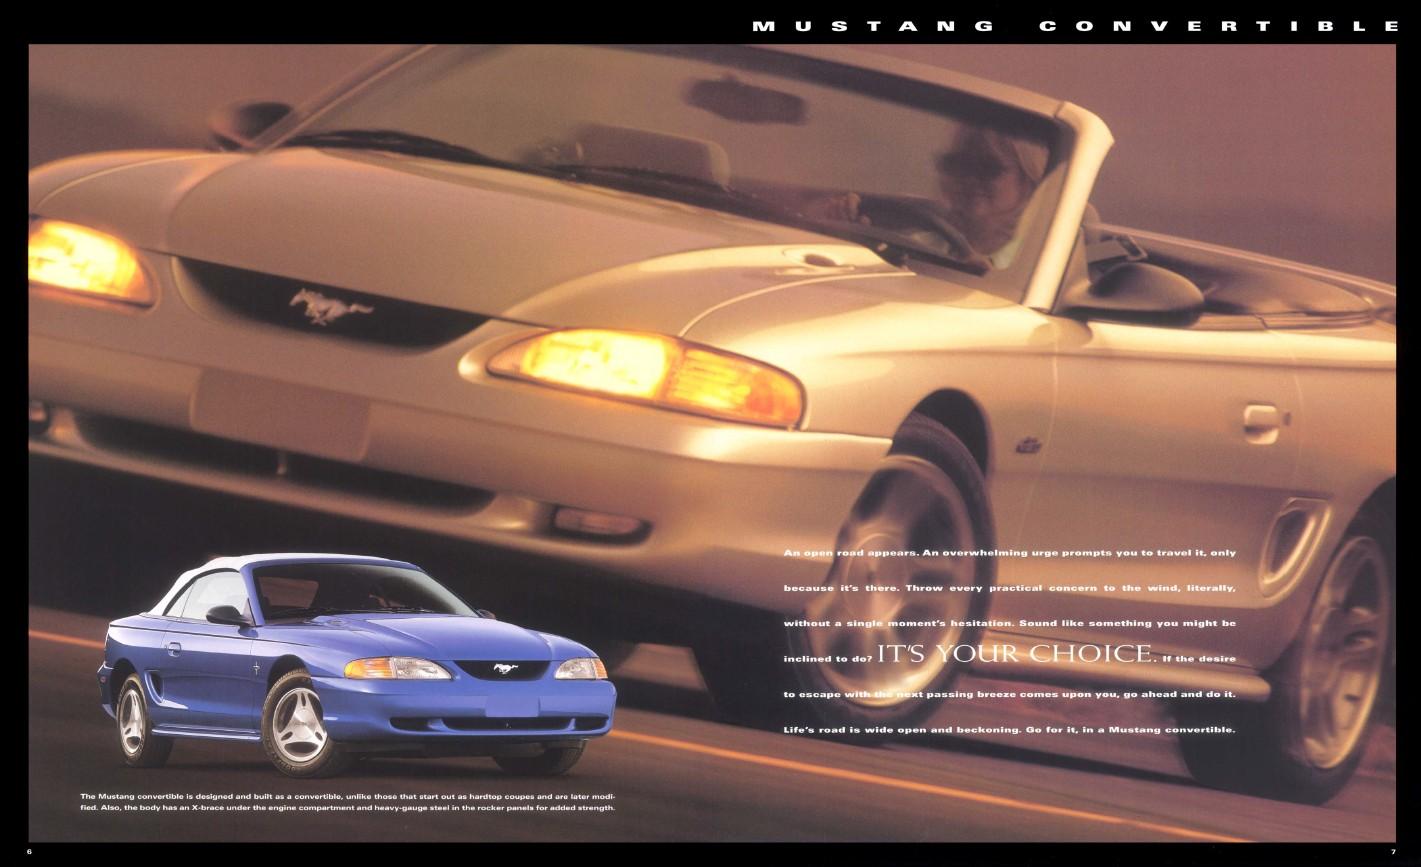 1998-ford-mustang-brochure-04.jpg